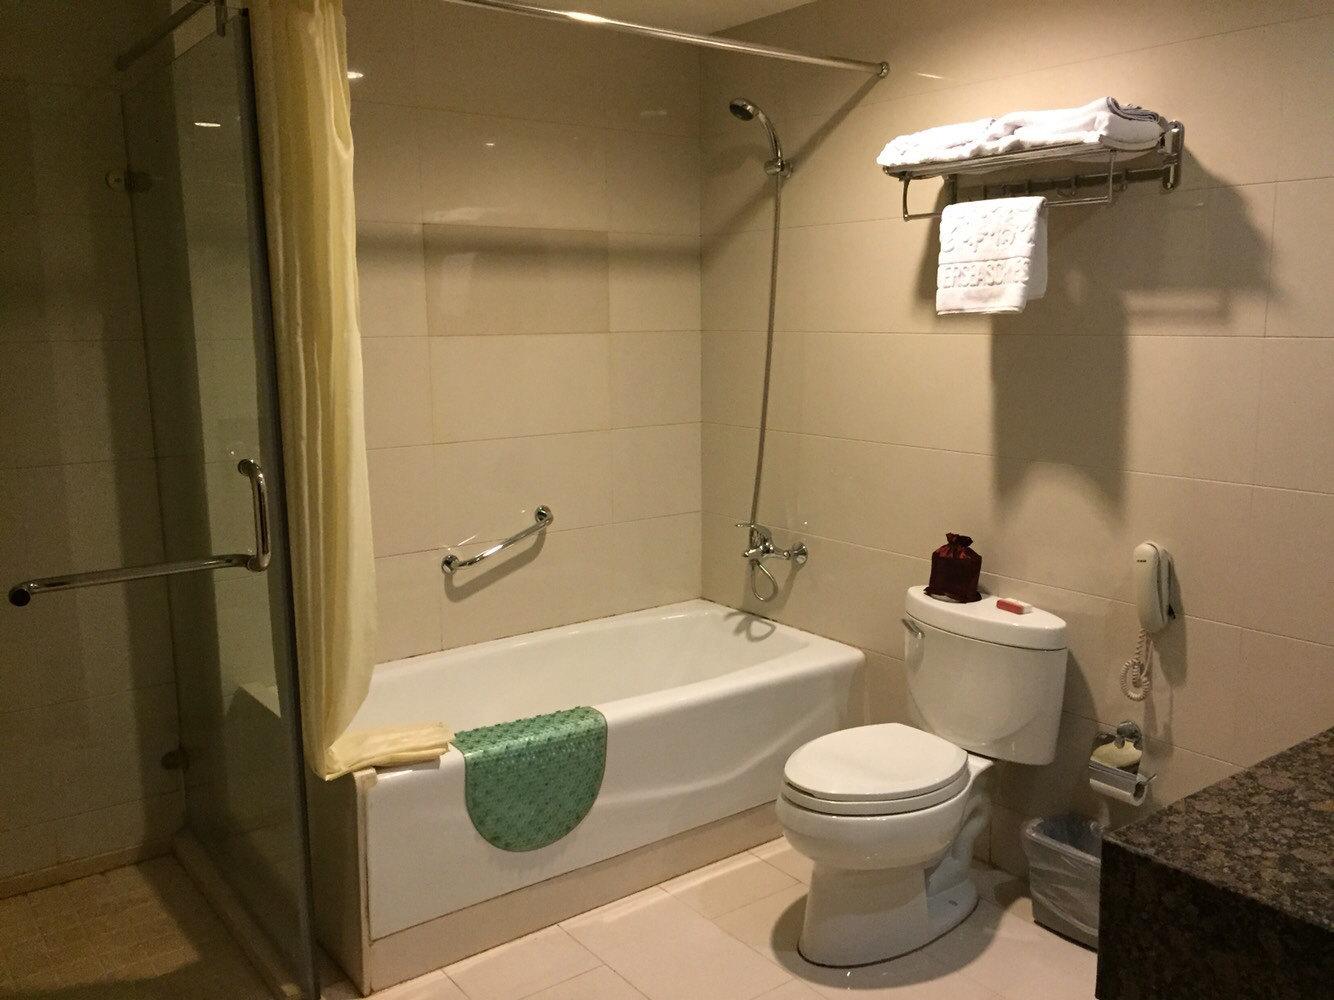 厕所 家居 设计 卫生间 卫生间装修 装修 1334_1000